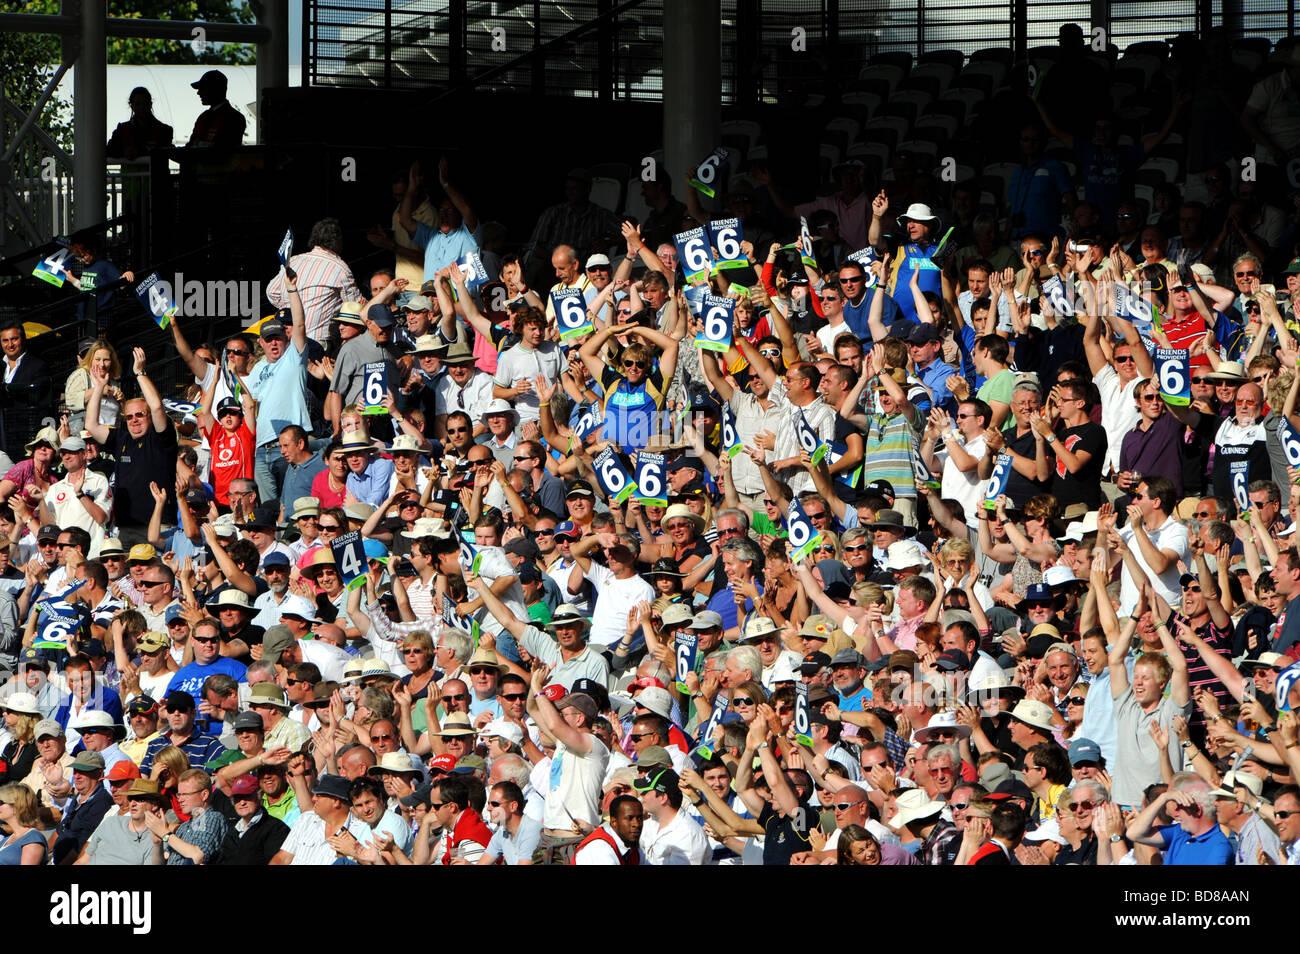 Les membres de la foule à un match de cricket Lord's hold up quelques six signes Photo Stock